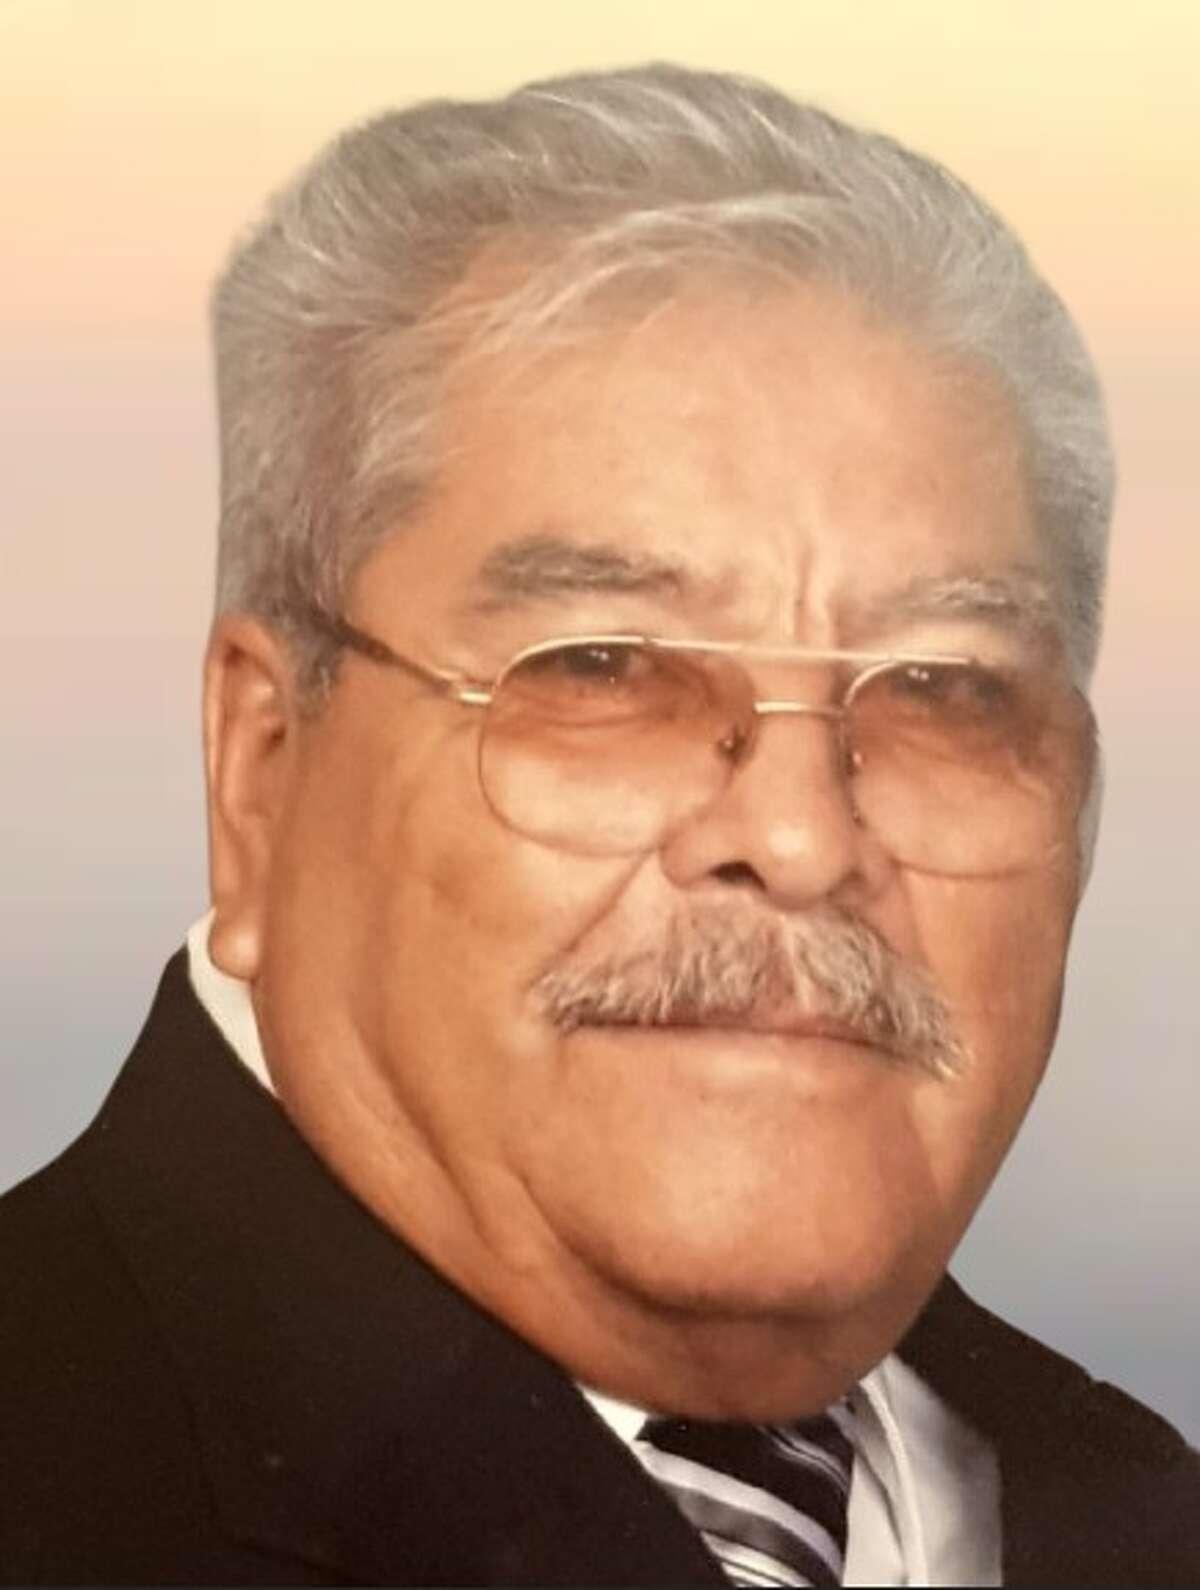 Andres Alvarez